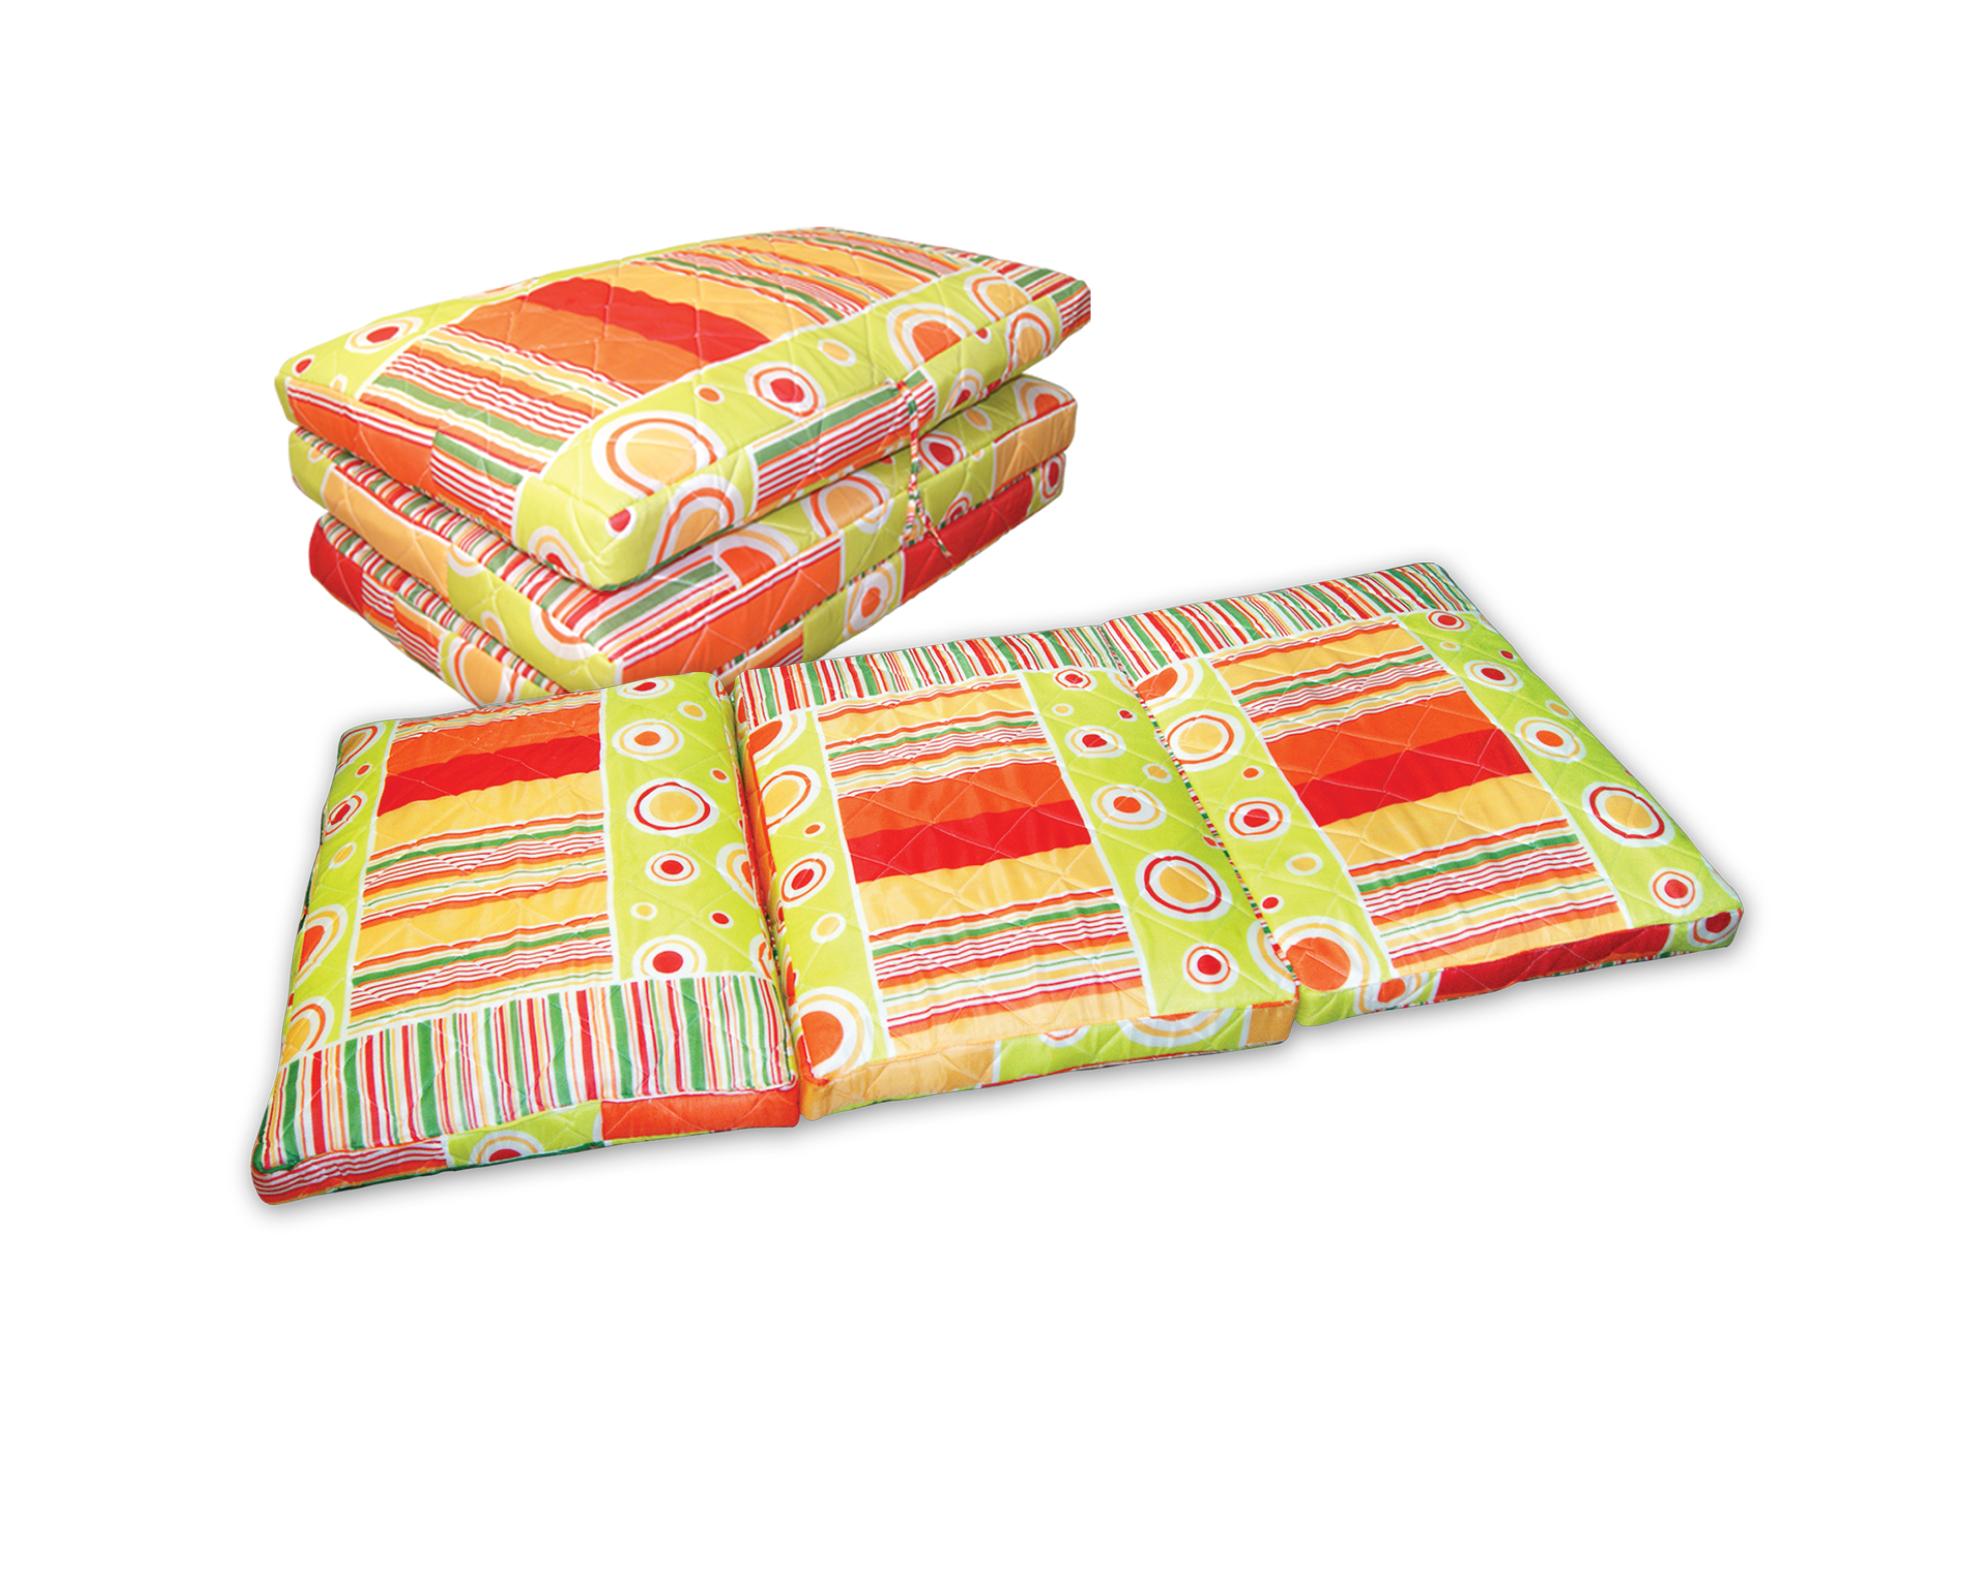 Softy Folding Mattress